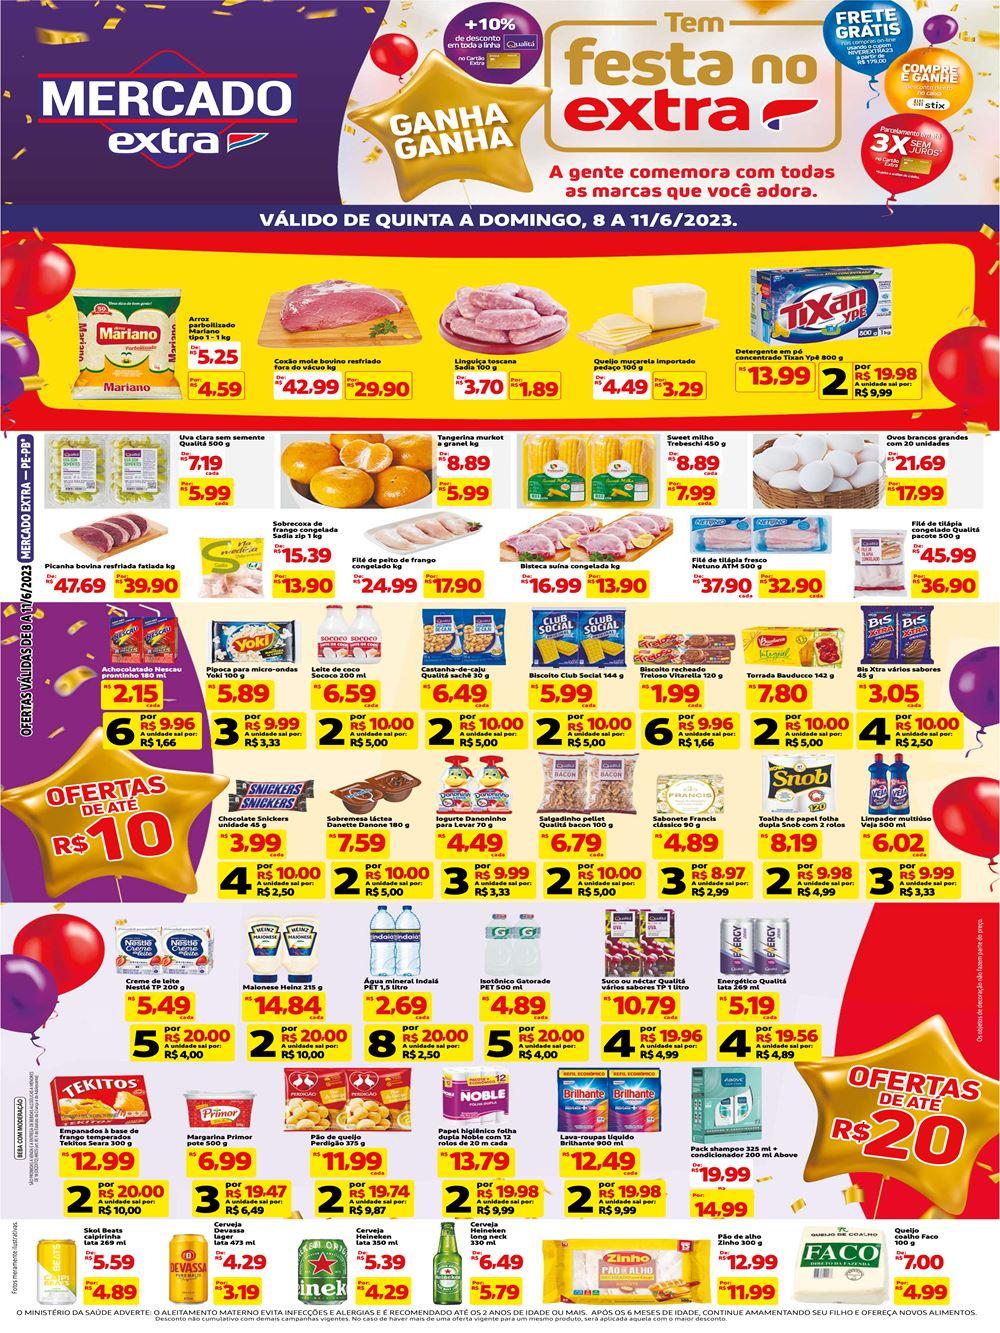 extra-ofertas-descontos-hoje3-68 Piauí